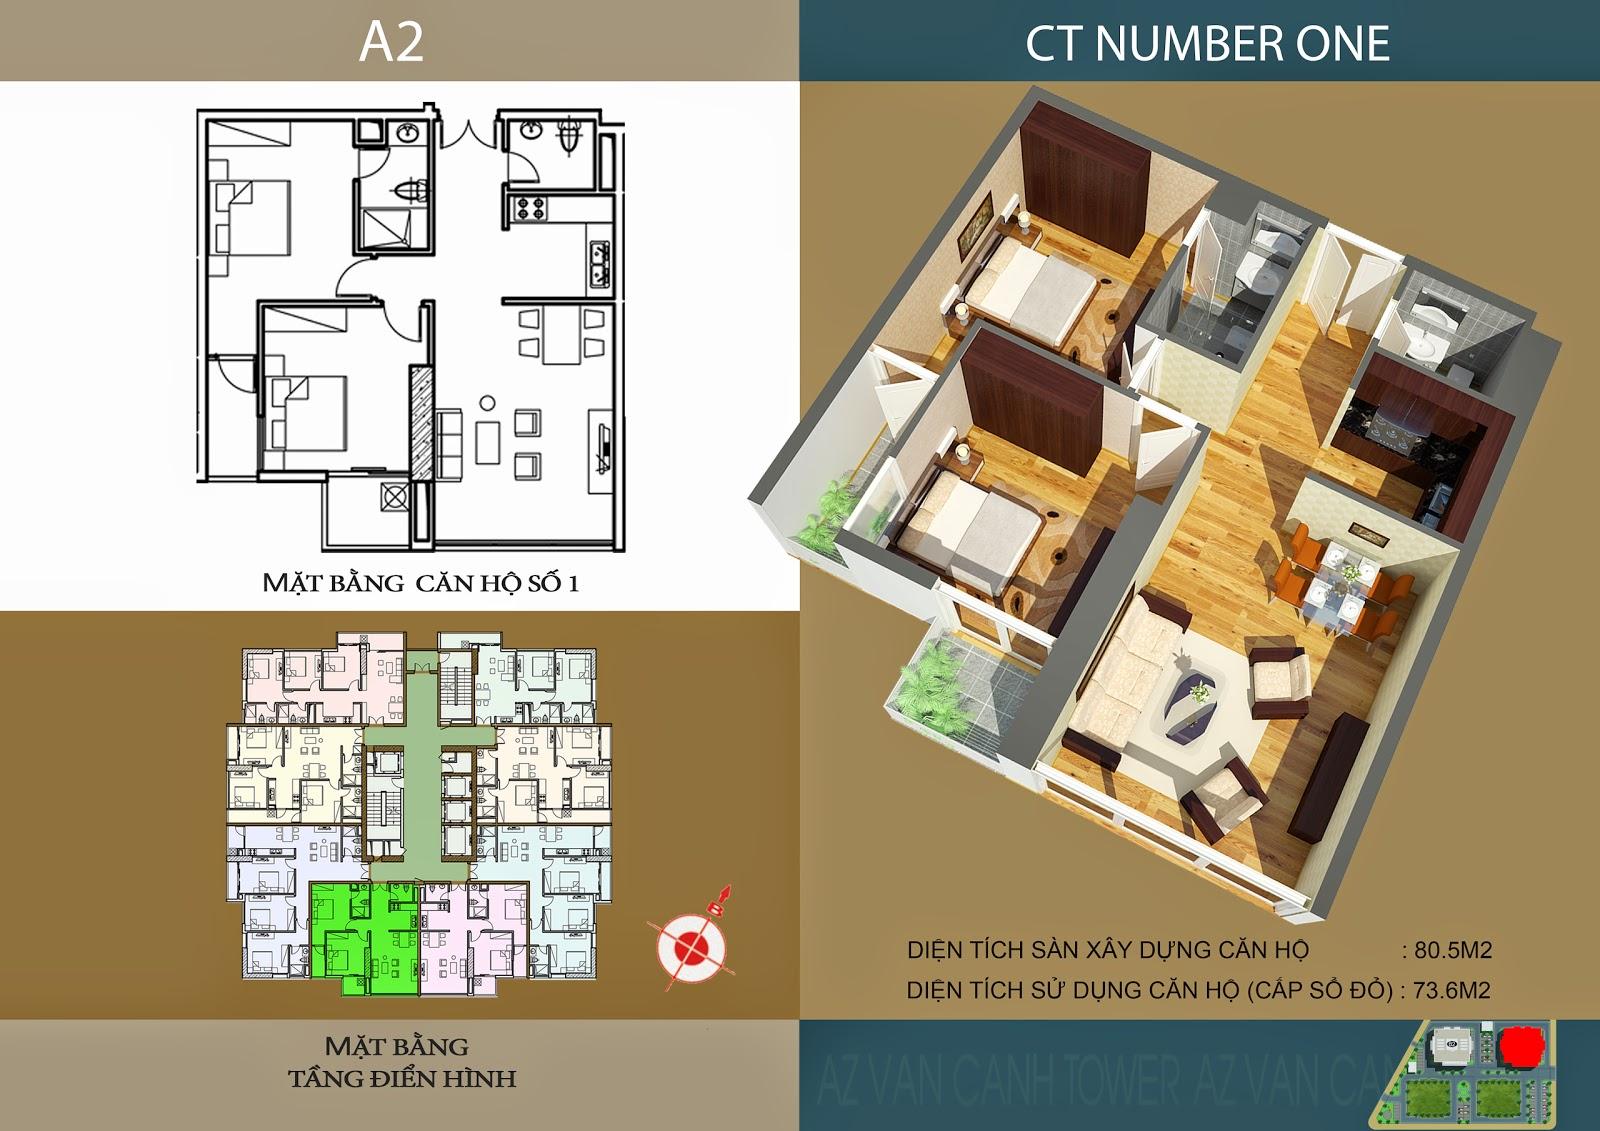 Căn số 1 - Diện tích 80.5m2 tại tòa A2 Chung cư CT Number One